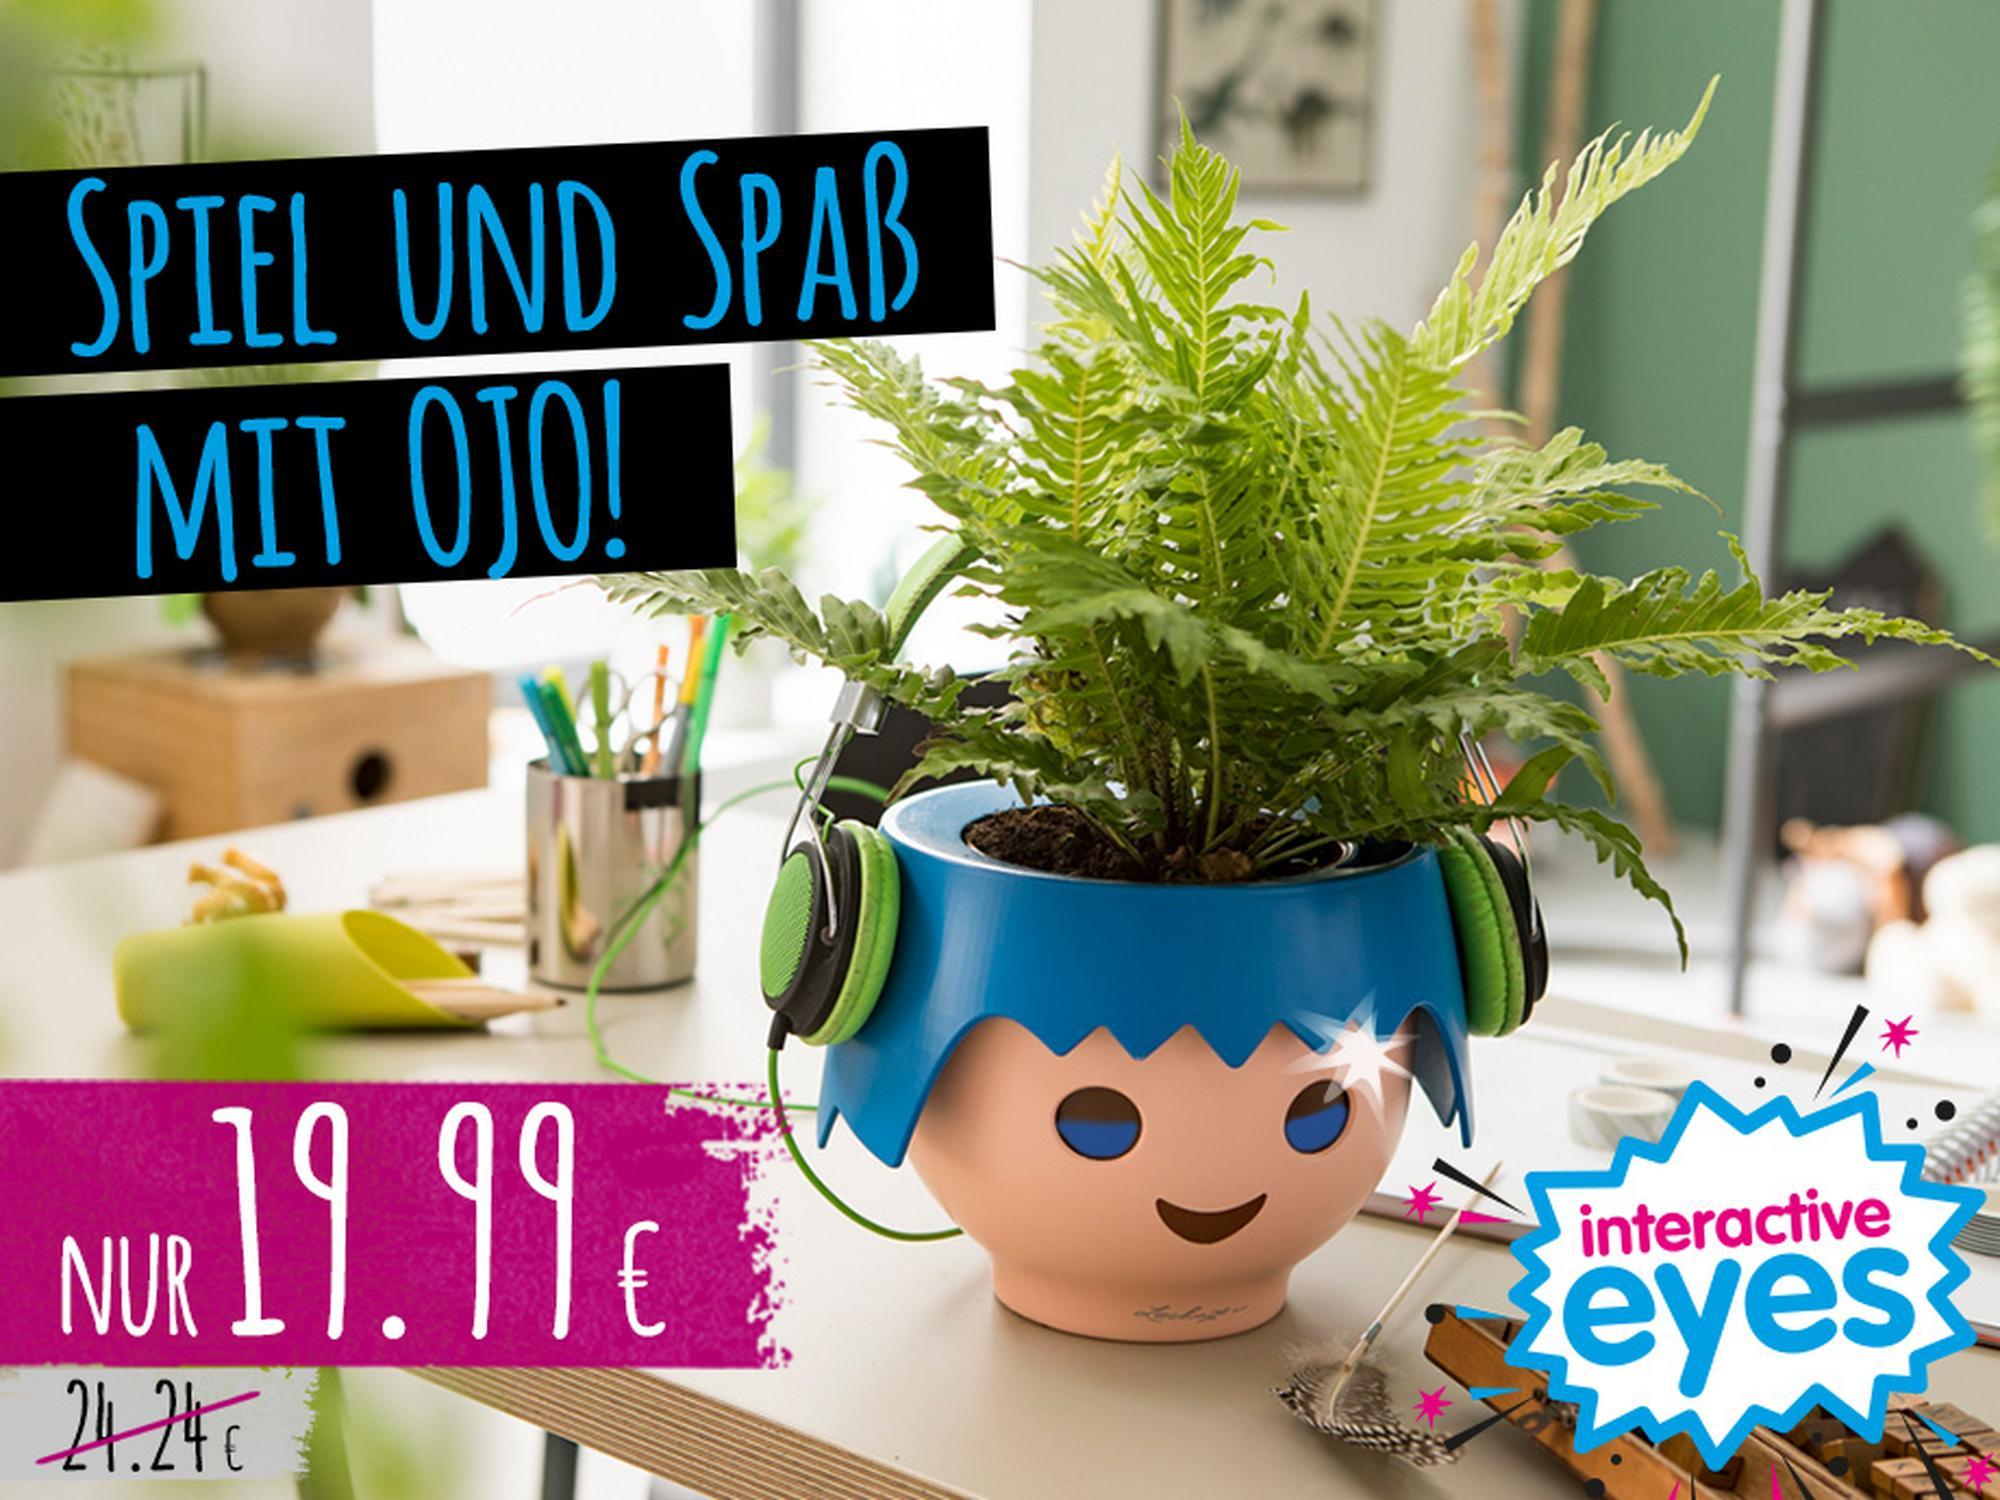 'Spiel und Spaß mit deinem Pflanzenfreund OJO - für nur 19